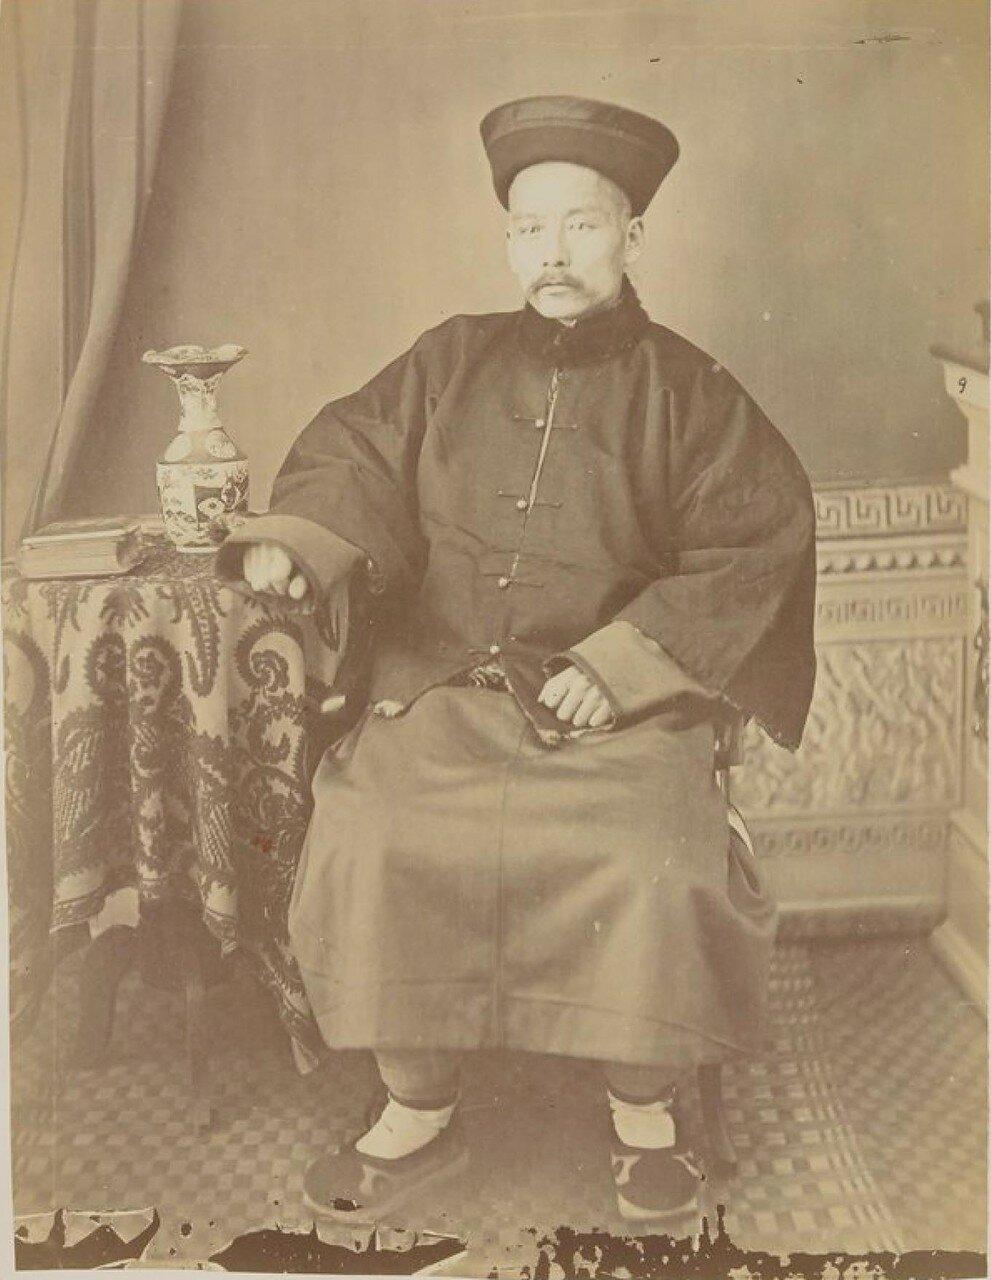 Окрестности Благовещенска. Богатый маньчжурский торговец из Айгуна, в 32 км ниже по течению от Благовещенска. 1872